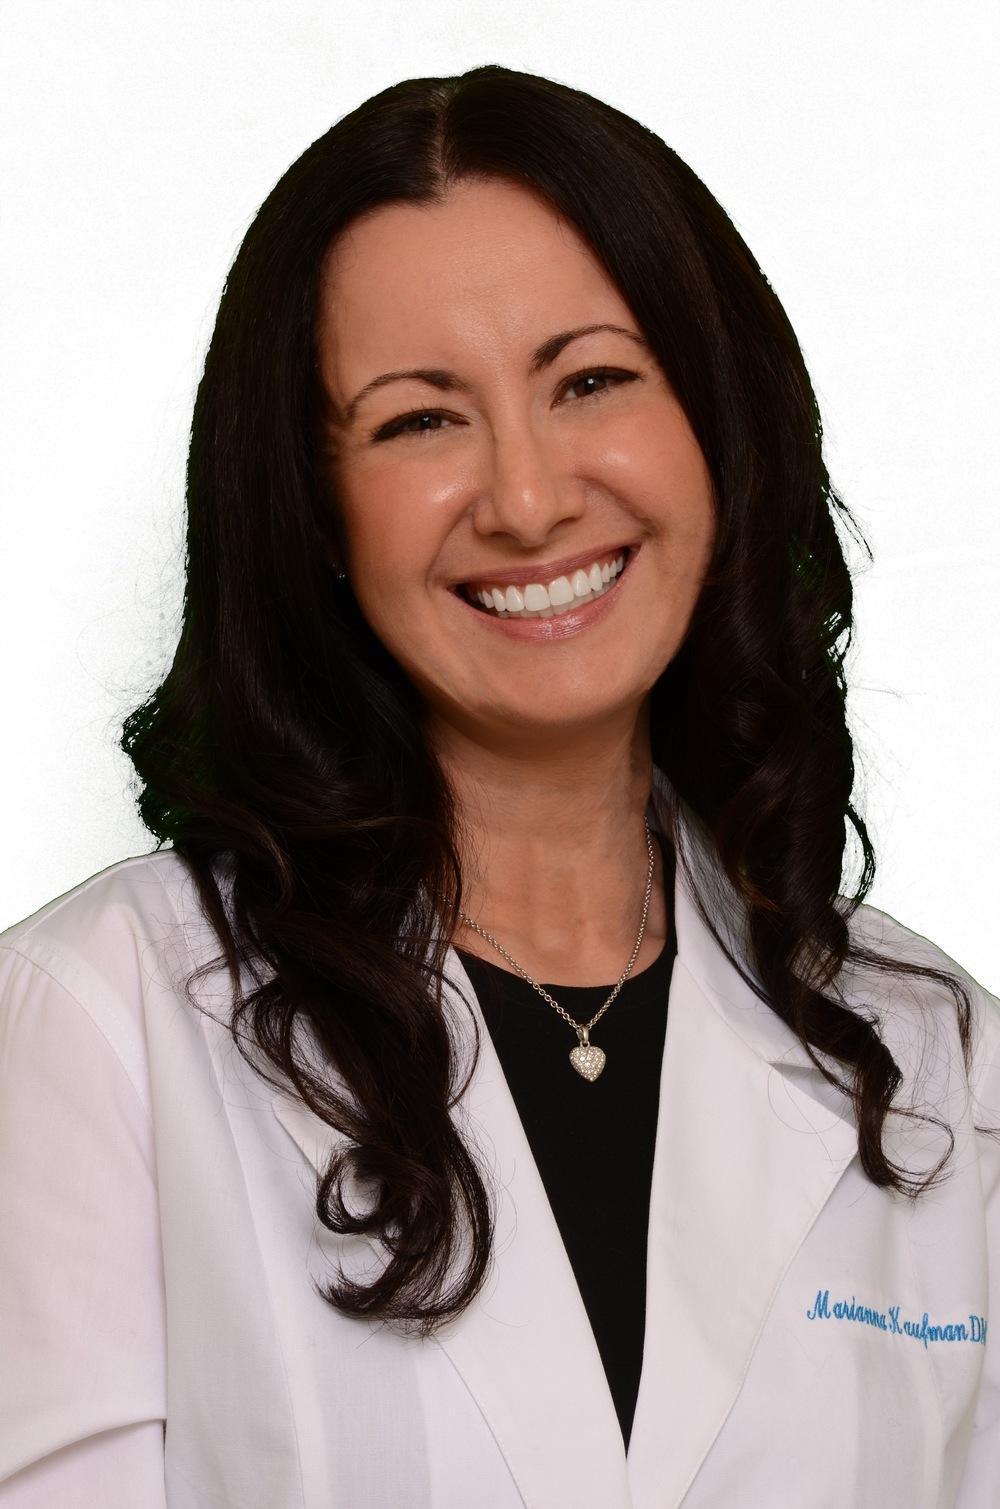 Dr. Marianna Kaufman.jpg